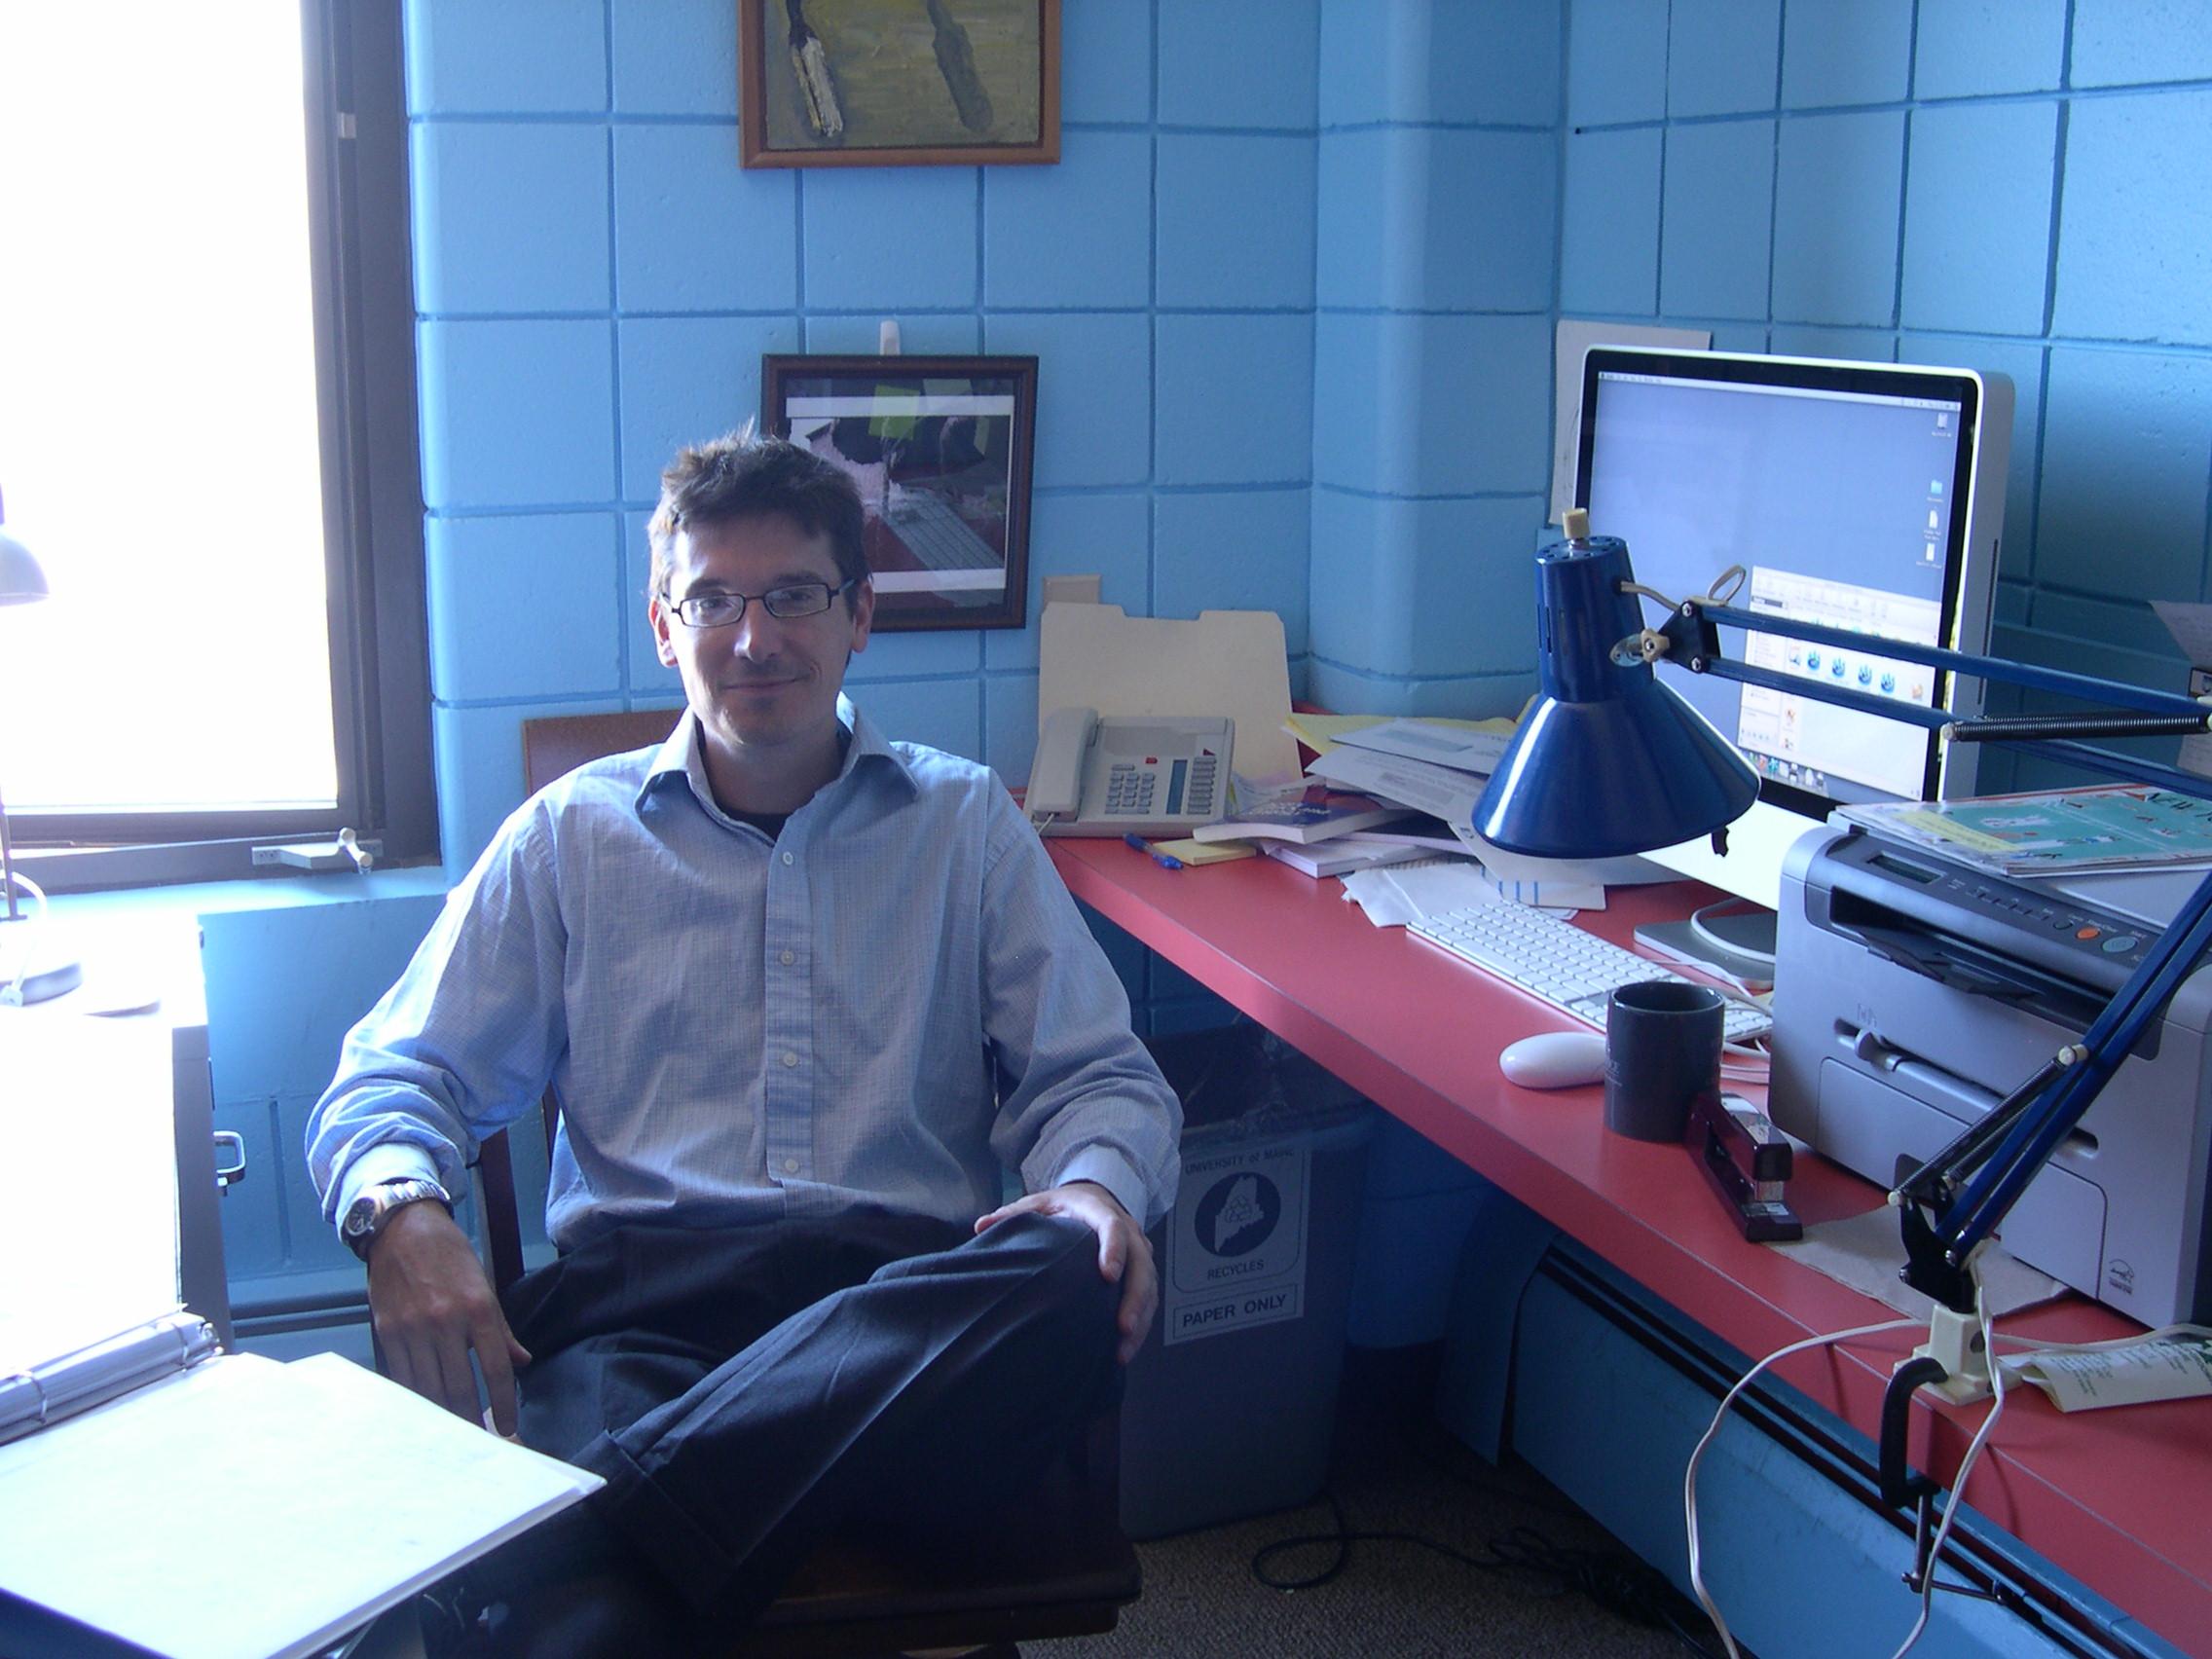 Man seated at desk, smiling at camera